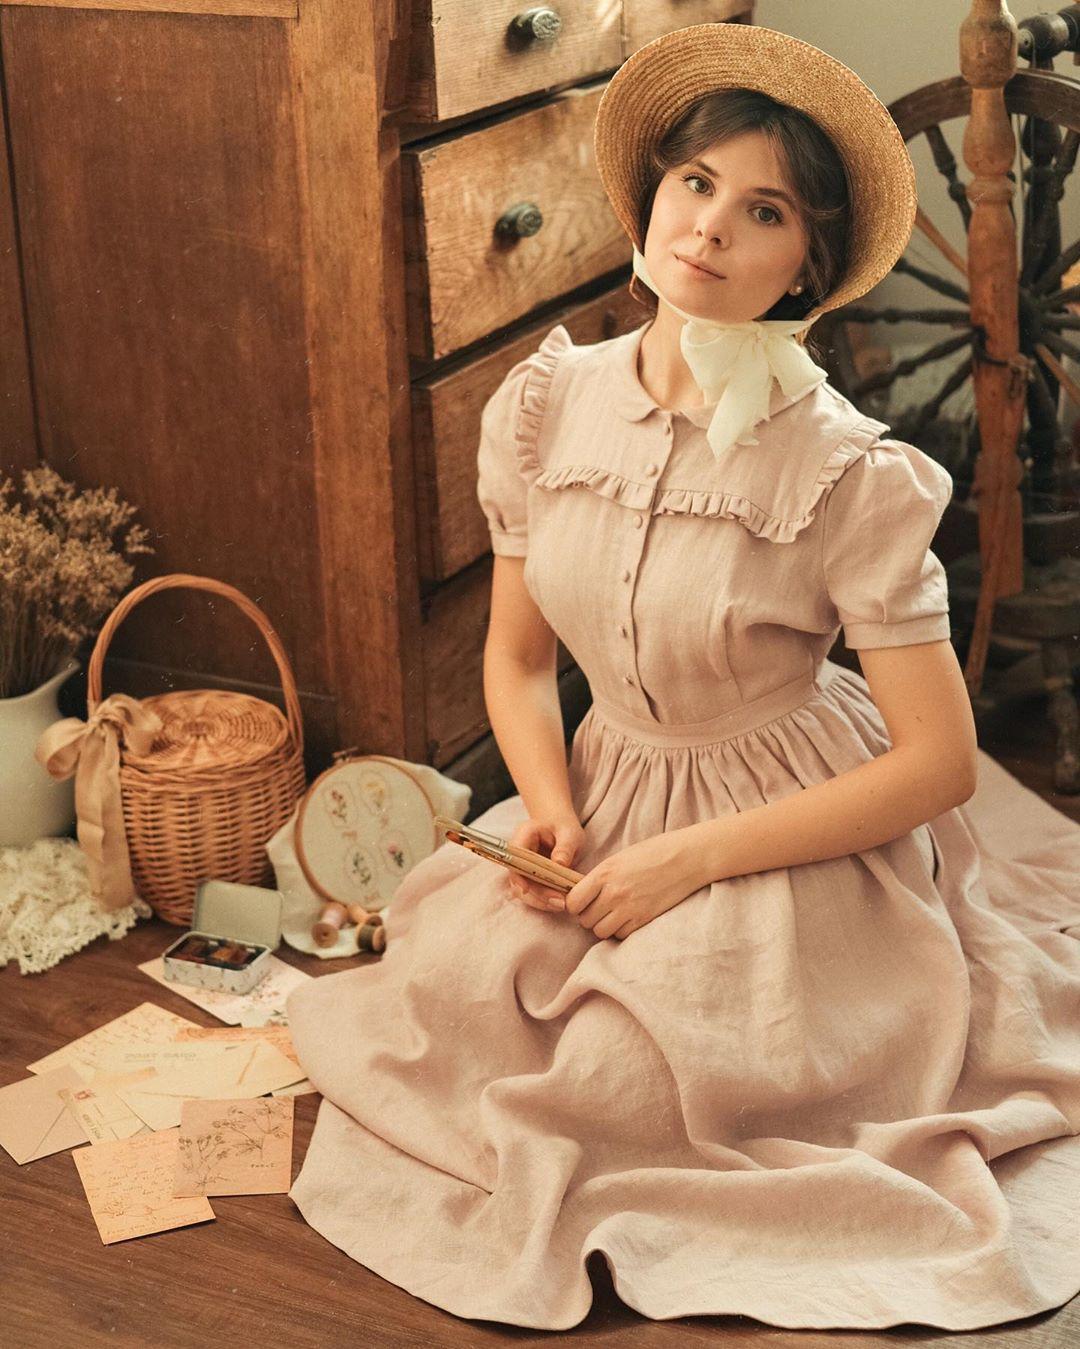 Cô gái mặc váy xòe ngắn tay cổ điển phong cách thời trang Cottagecore